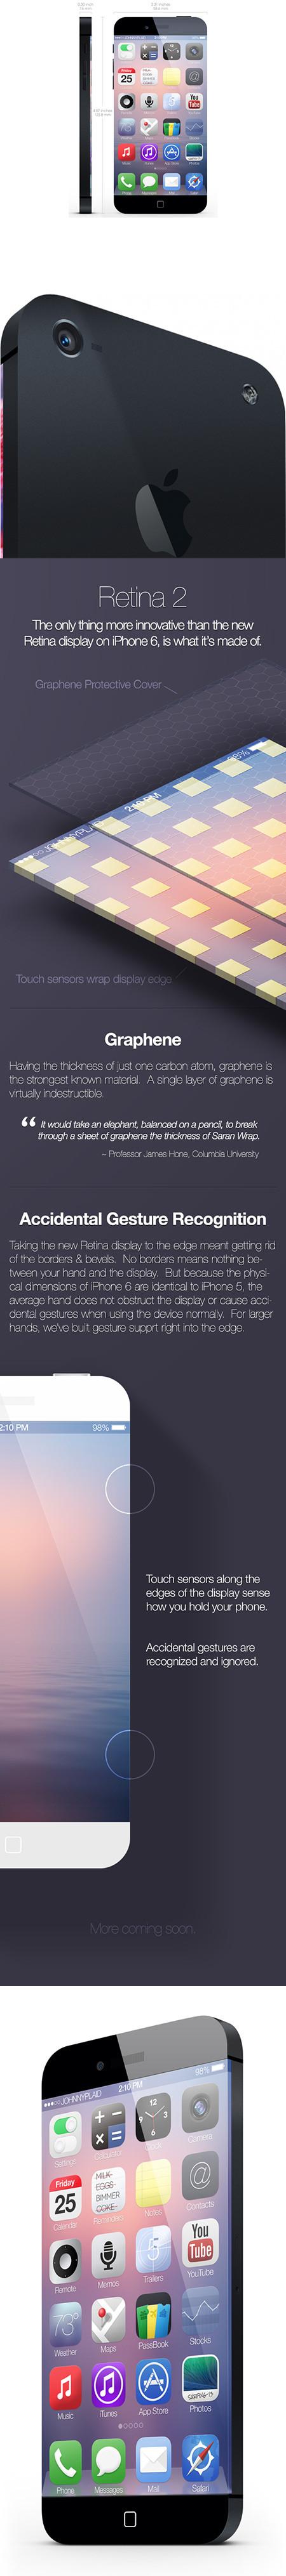 iPhone-6-design-2